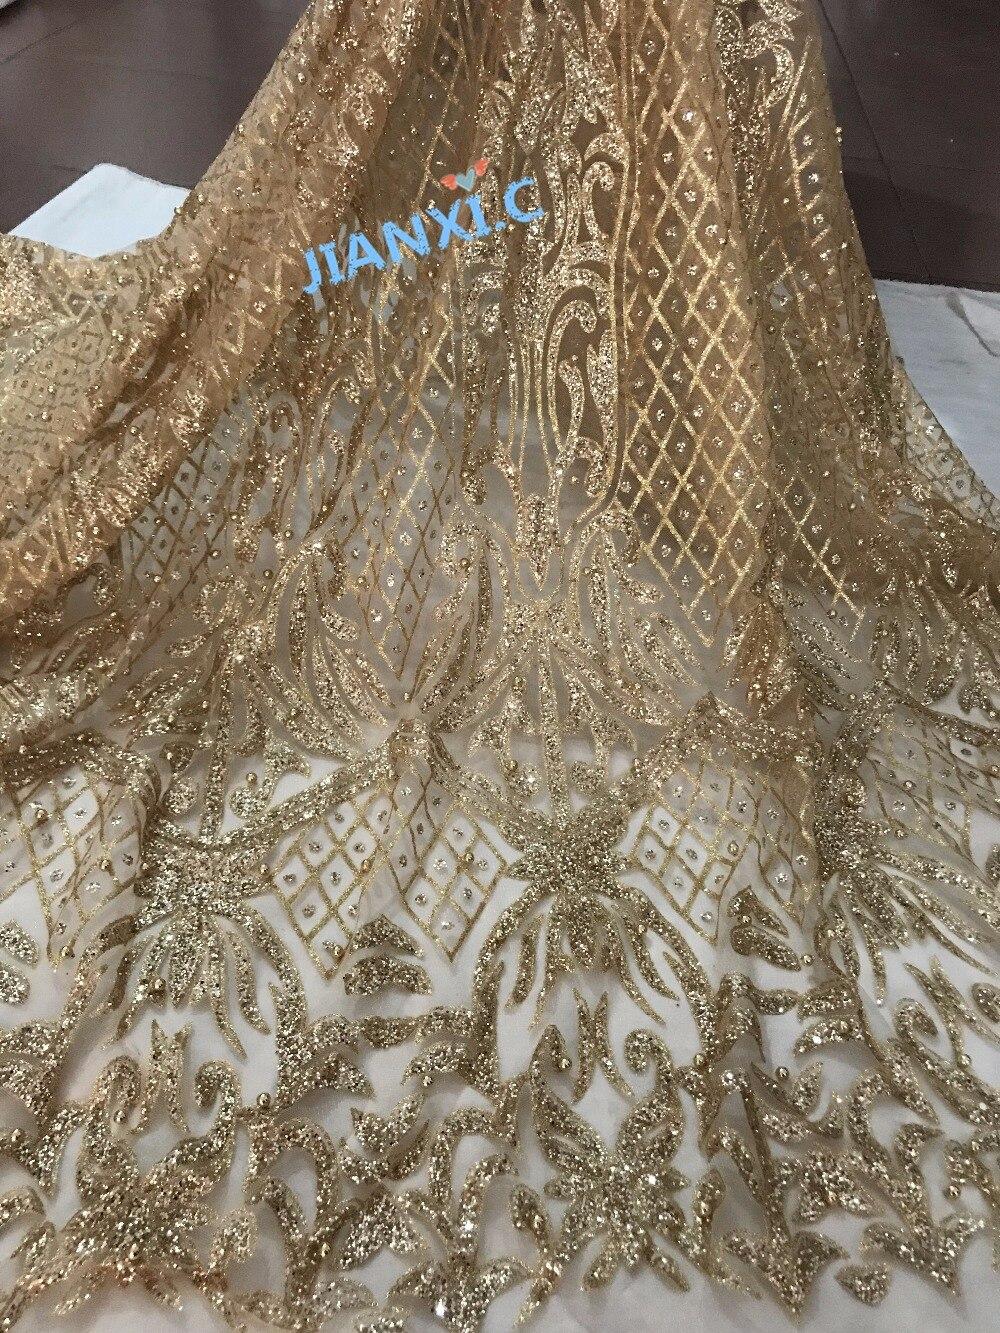 Top venta de tela de encaje africano de tul de malla con brillo y estampado a mano con cuentas JIANXI.C 11819 para vestido de boda-in encaje from Hogar y Mascotas    1